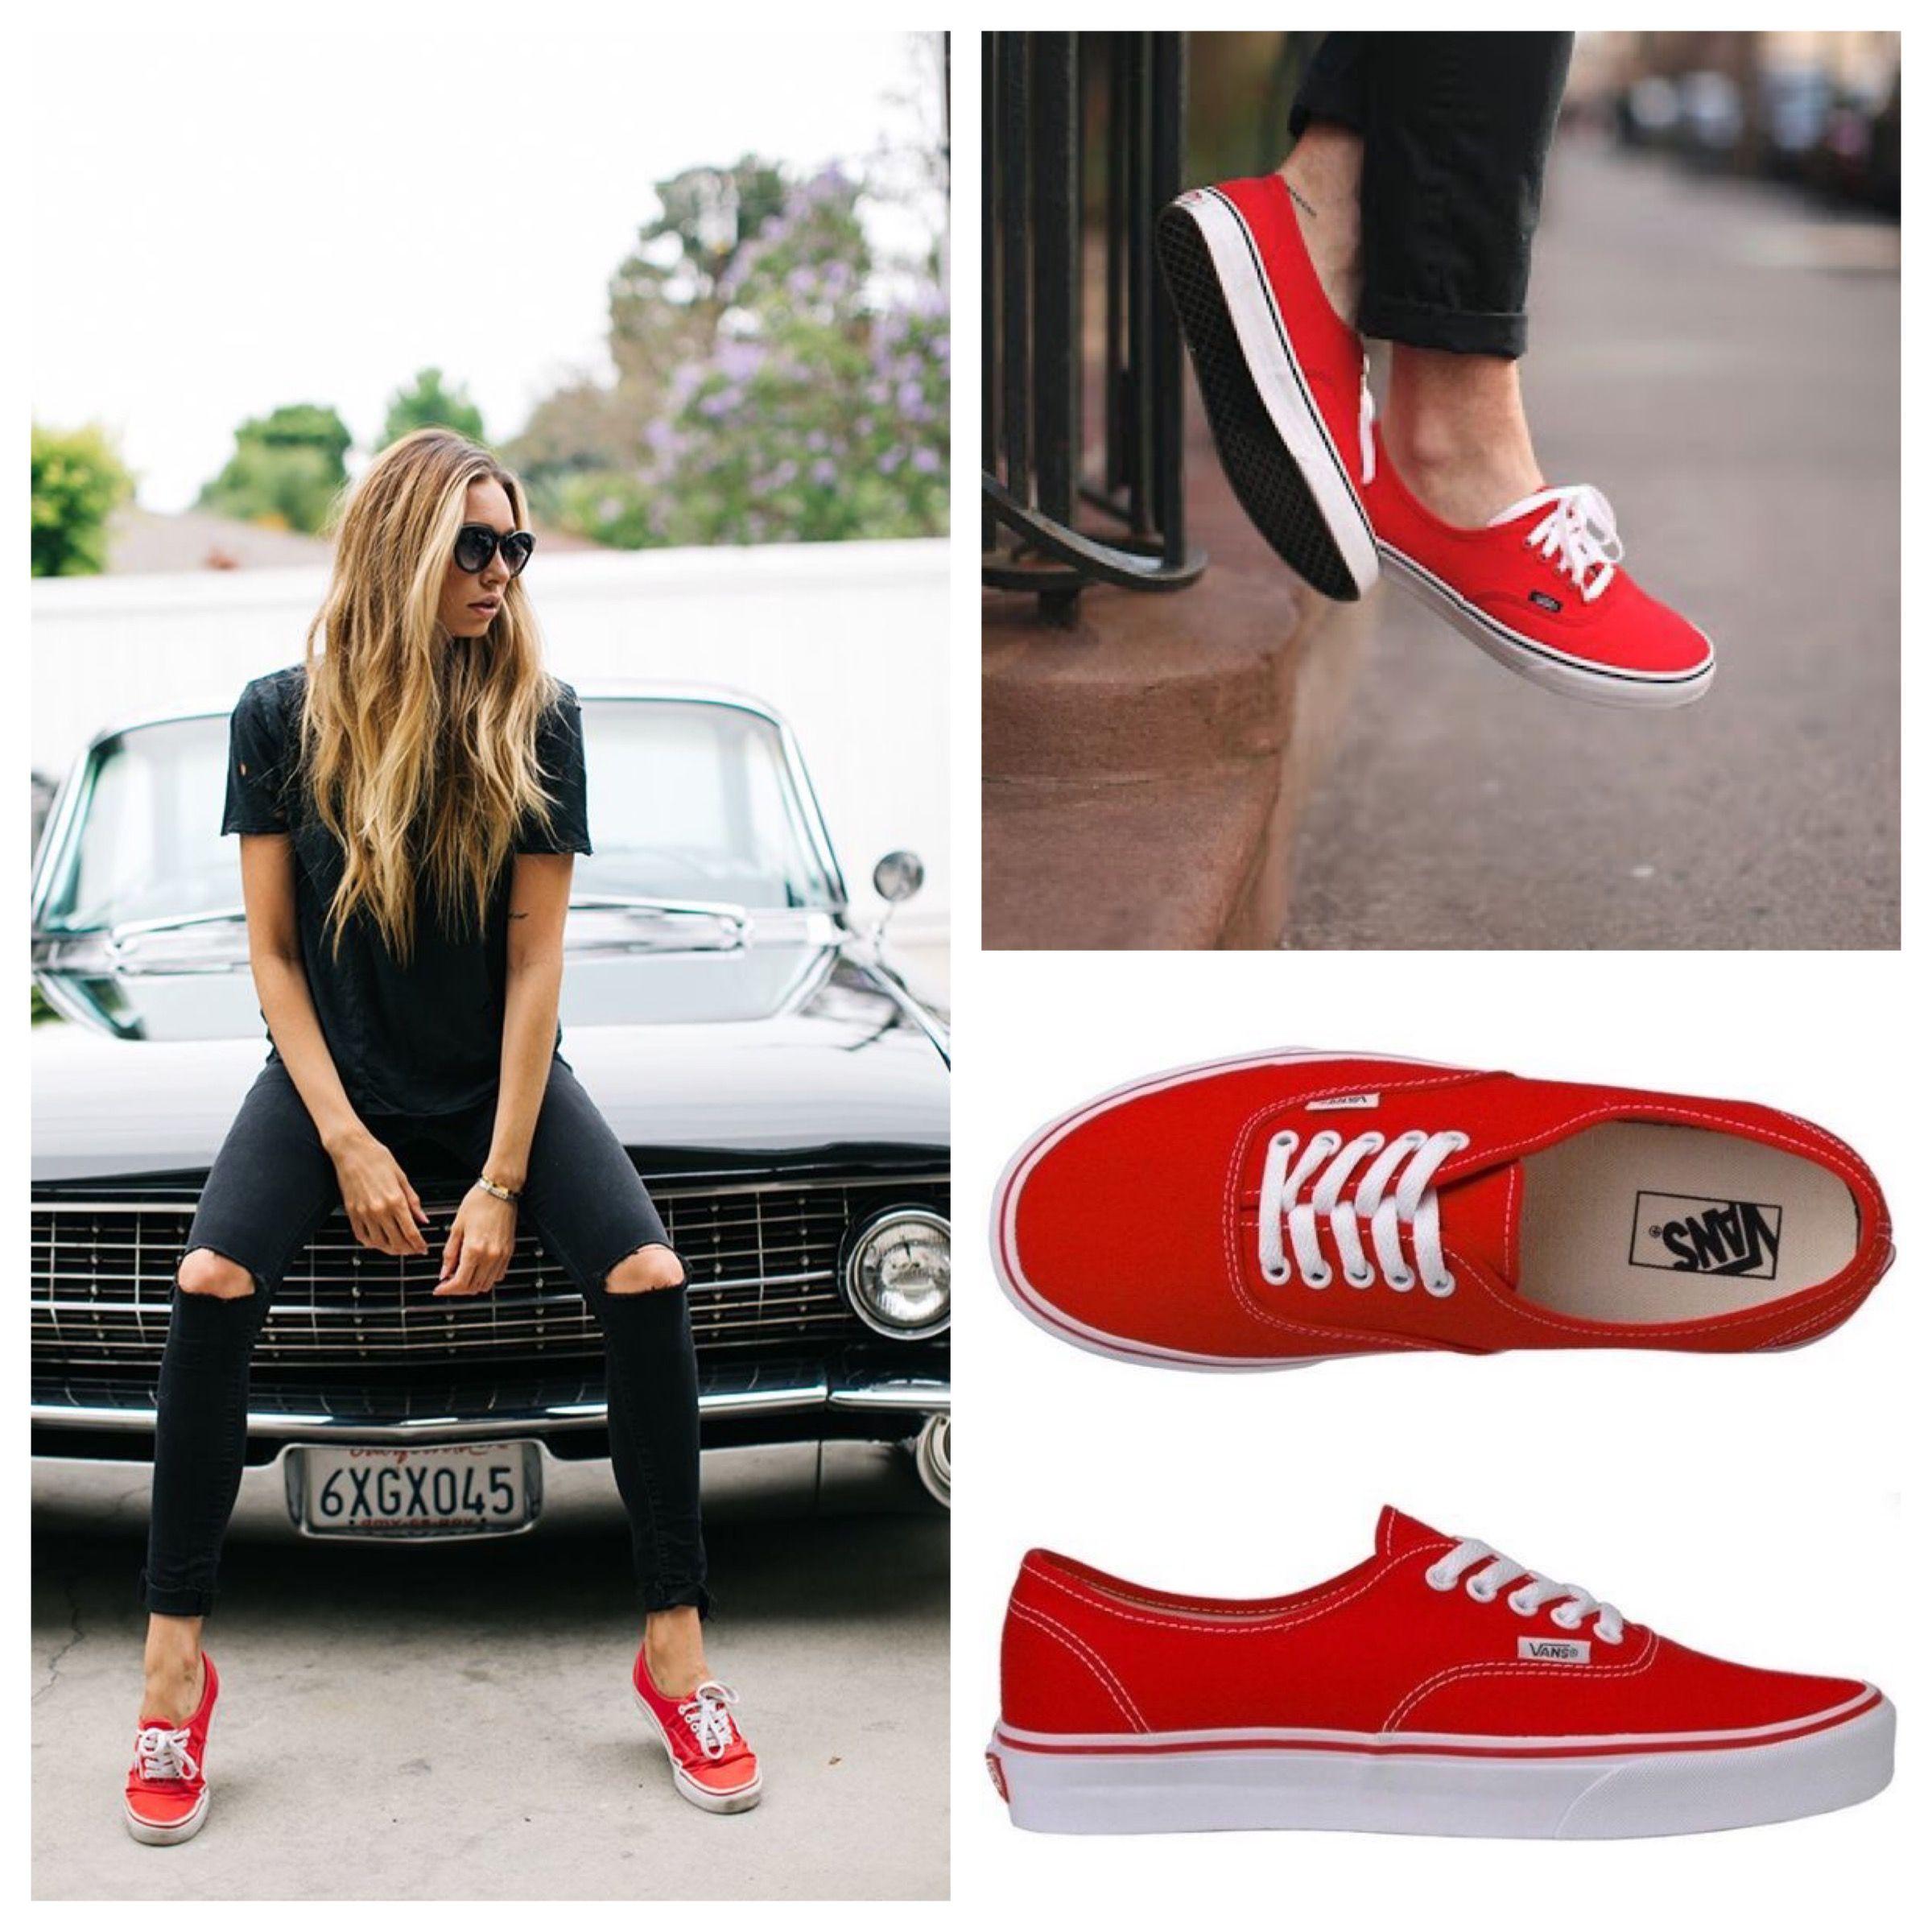 รองเท้าผ้าใบผู้หญิงยี่ห้อไหนดี รองเท้าผ้าใบ รองเท้าผ้าใบผู้หญิง รองเท้าผ้าใบผู้หญิง 2018 แบรนด์รองเท้า รองเท้ายี่ห้อ ยี่ห้อรองเท้าผ้าใบ รองเท้าผ้าใบใส่สบาย รองเท้าผ้าใบผู้หญิง รองเท้าผ้าใบสวยๆ